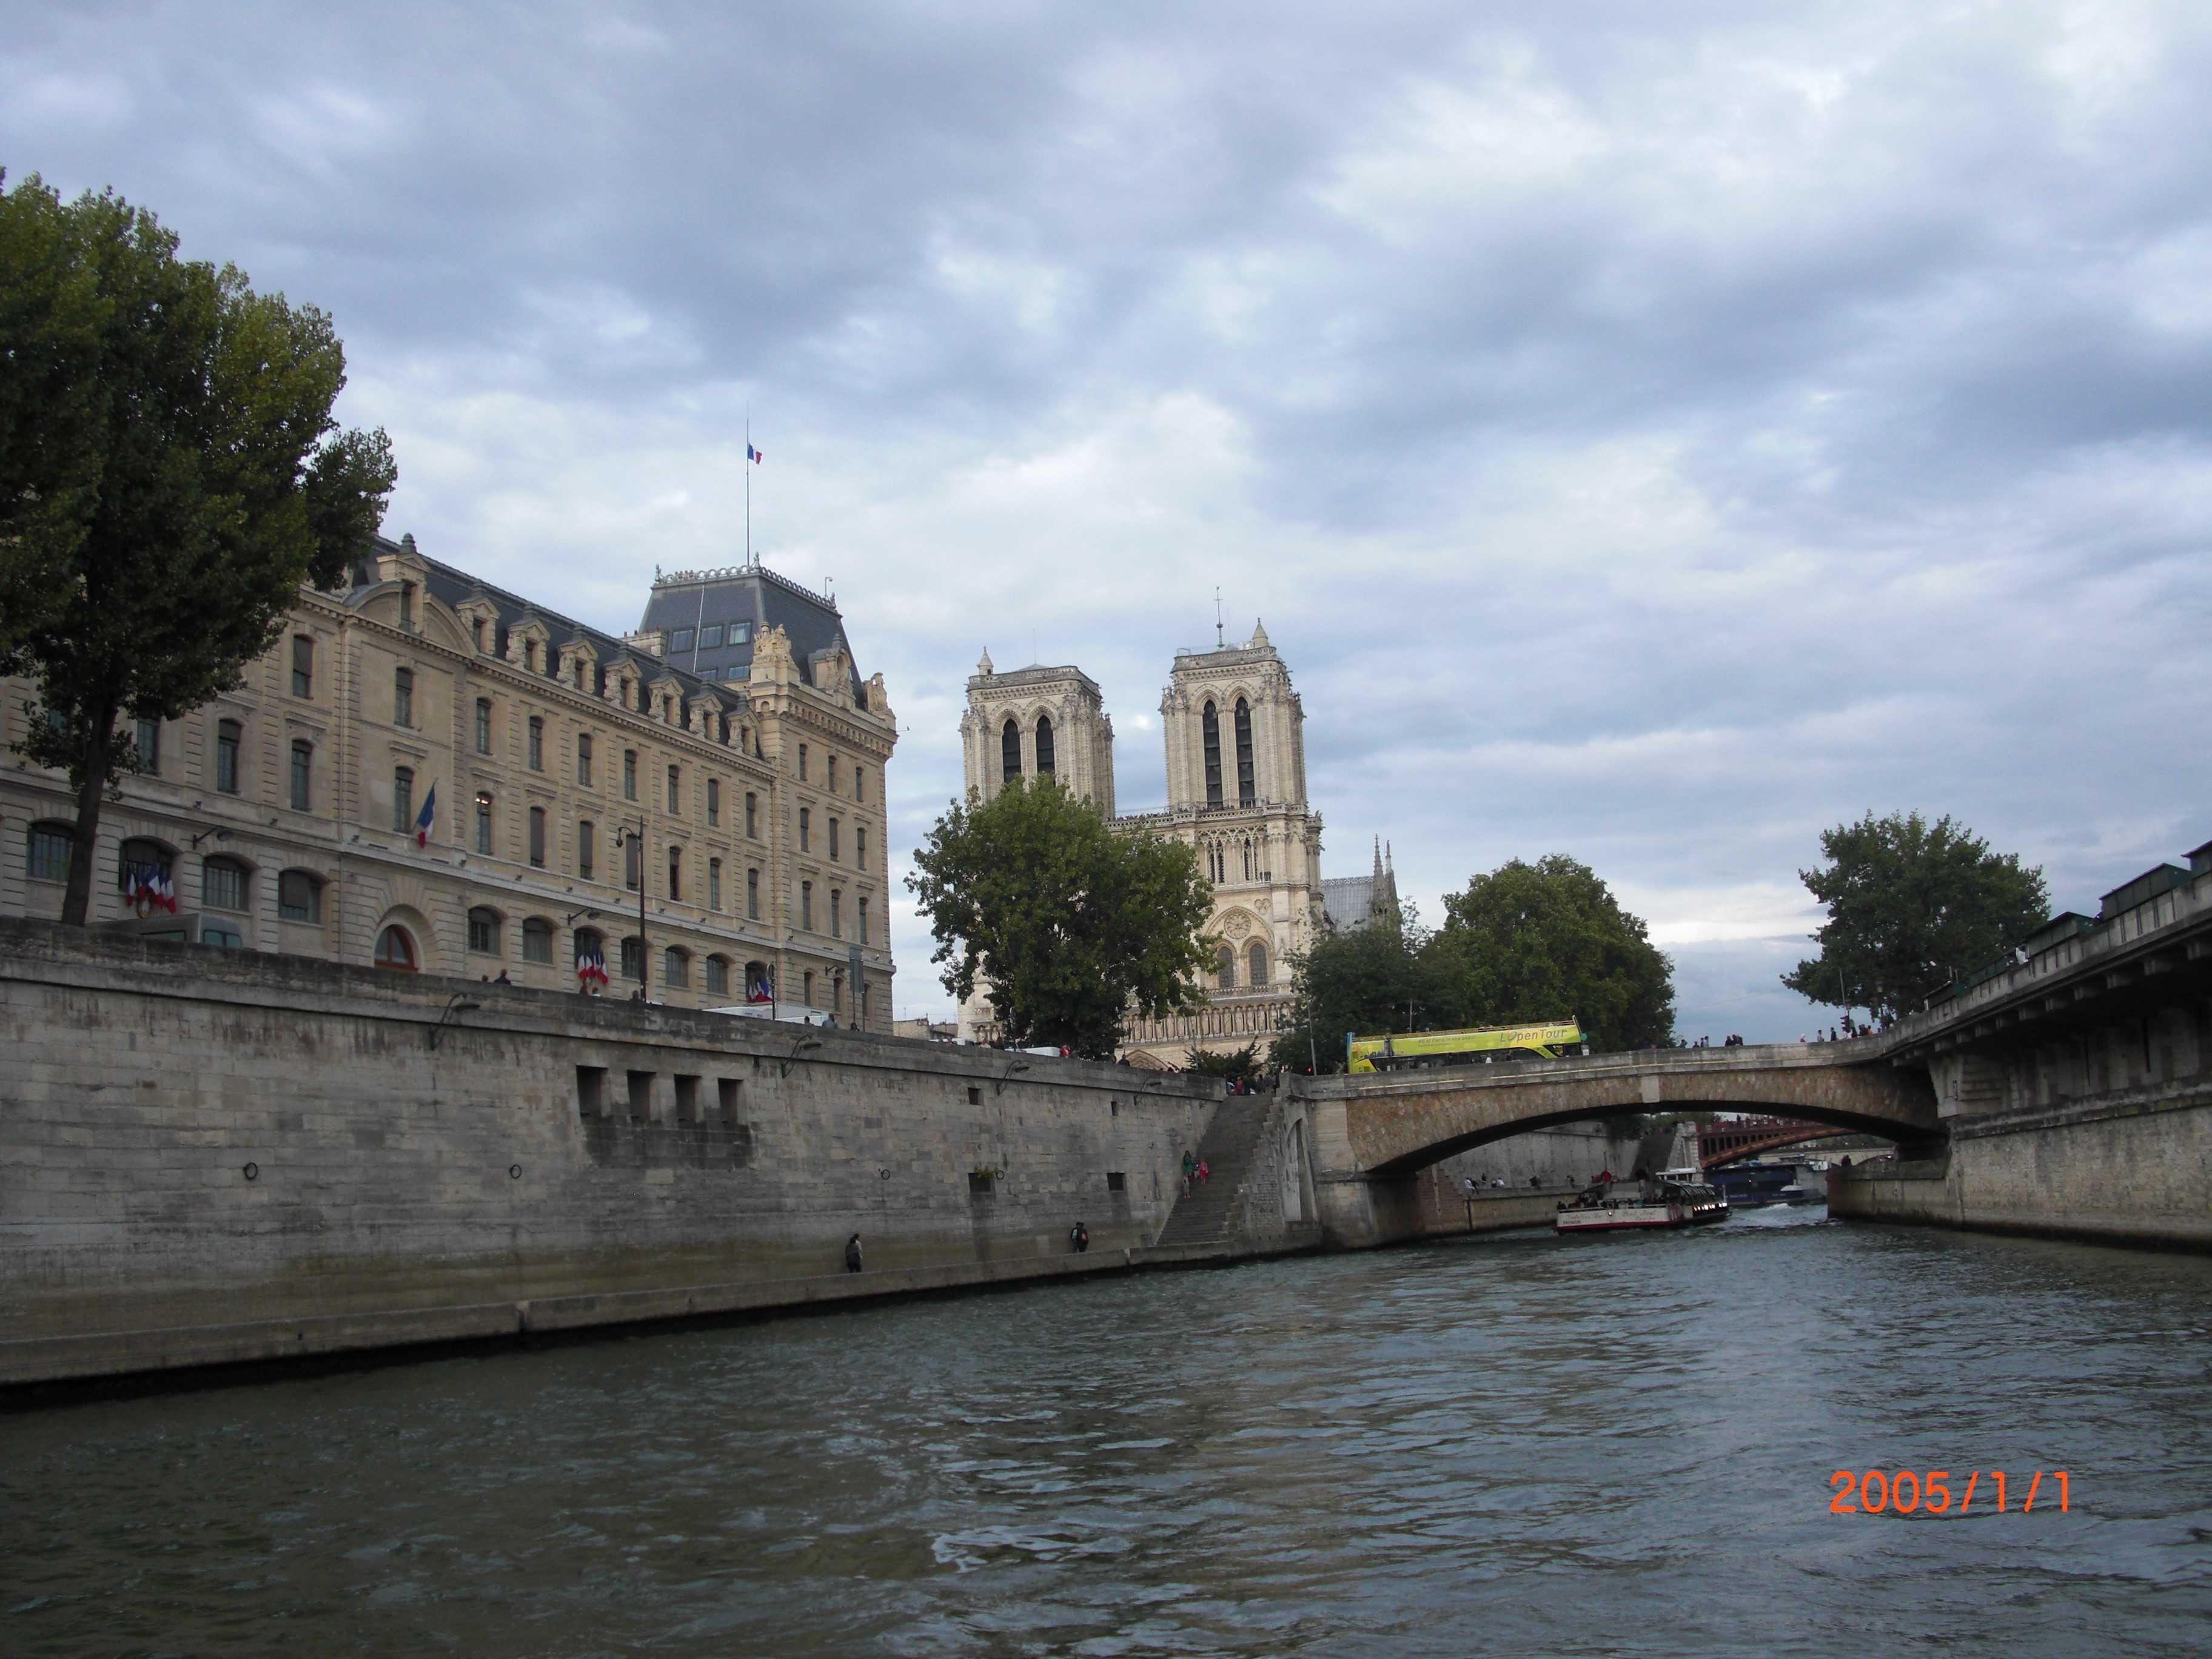 塞纳河,巴黎 塞纳河 攻略 地址 图片 门票 高清图片